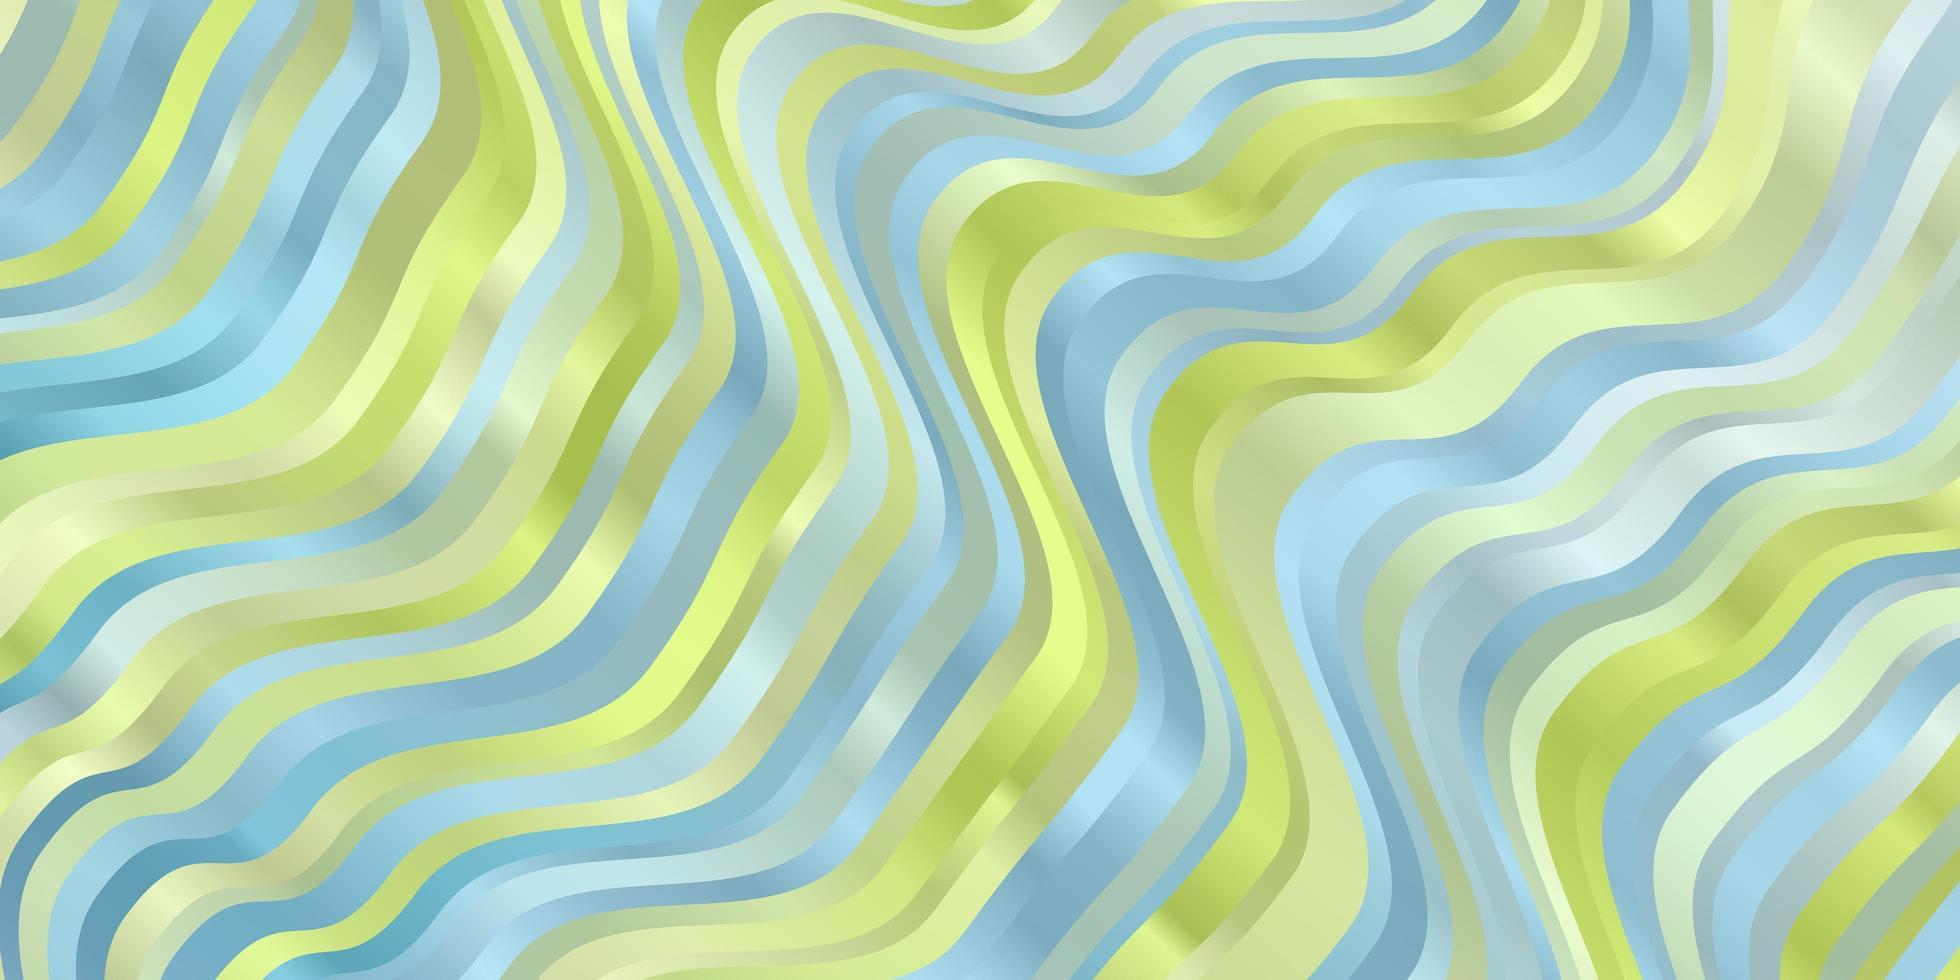 fondo azul claro y verde con curvas. vector